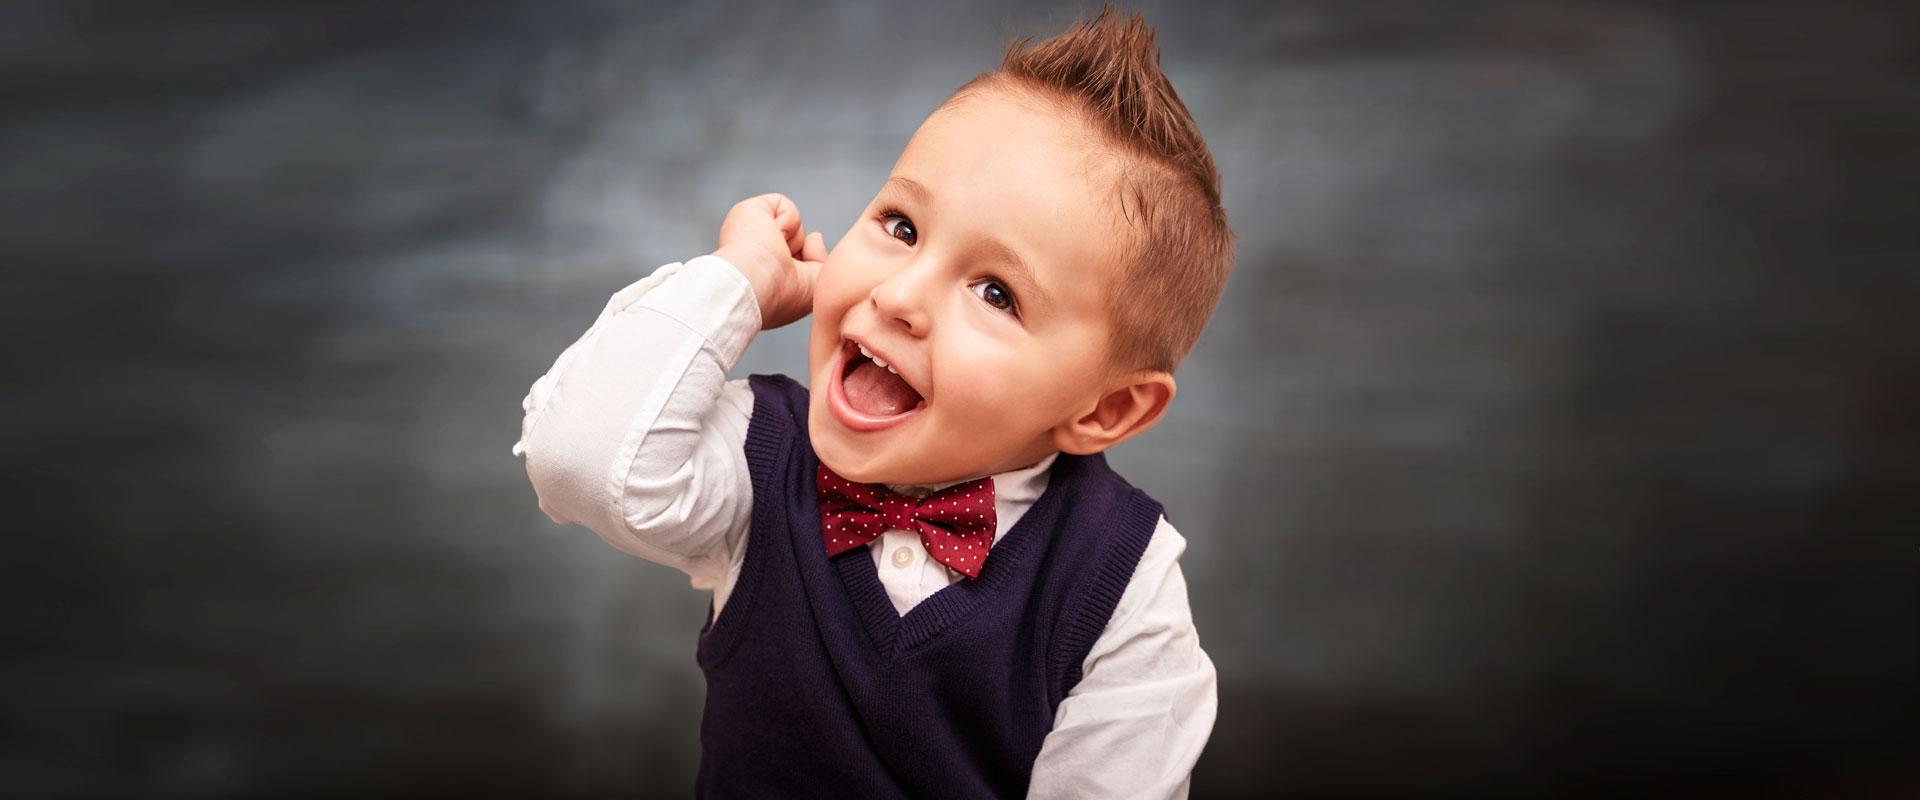 Fotograf Schwarzwald Junge lacht